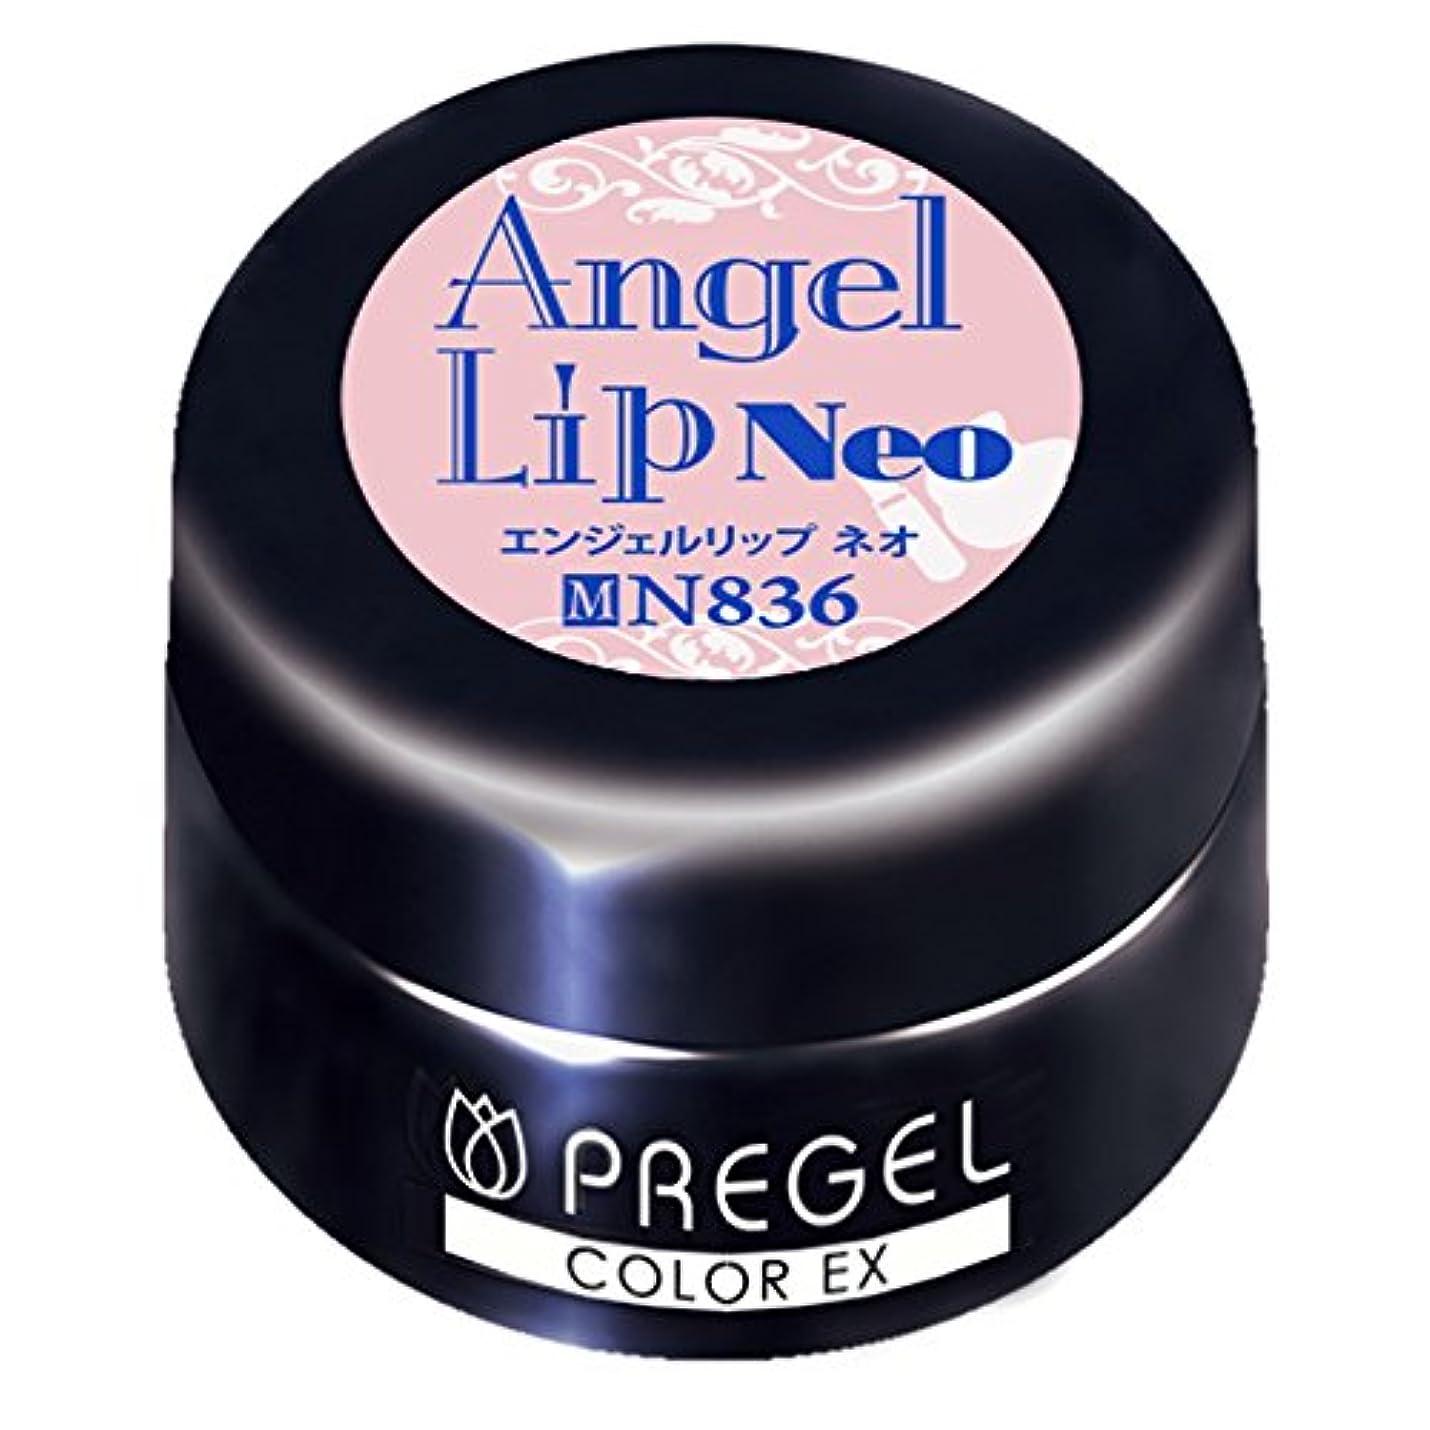 インディカ素晴らしき観察するPRE GEL カラーEX エンジェルリップneo836 3g UV/LED対応